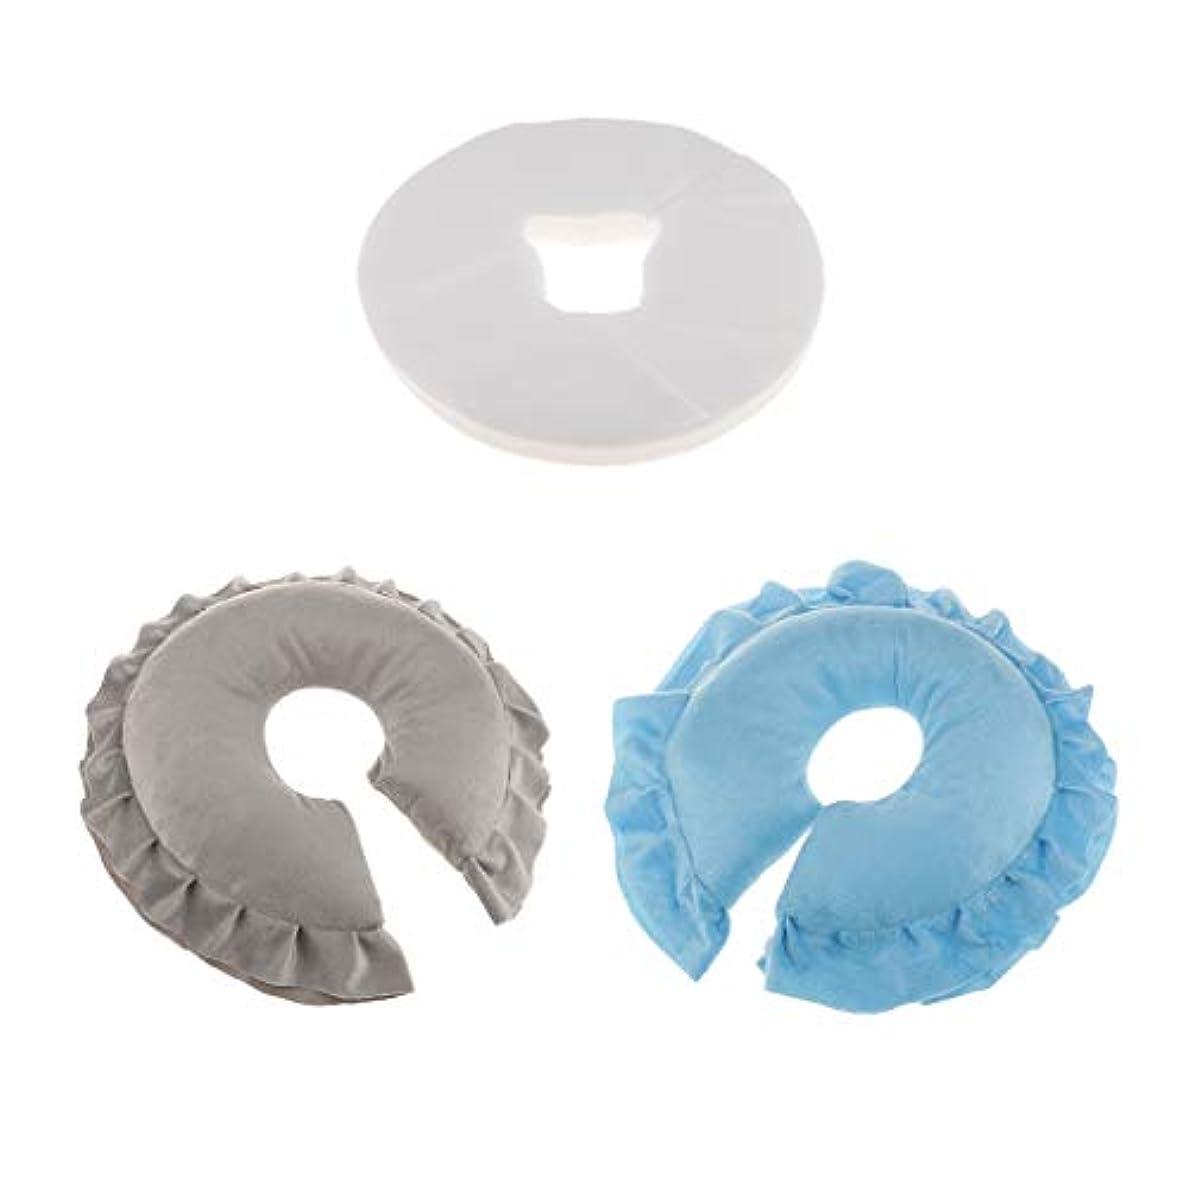 保存泥だらけ工業用フェイスクッション マッサージ枕 100個使い捨てクッションカバー付 柔らかく快適 2個入